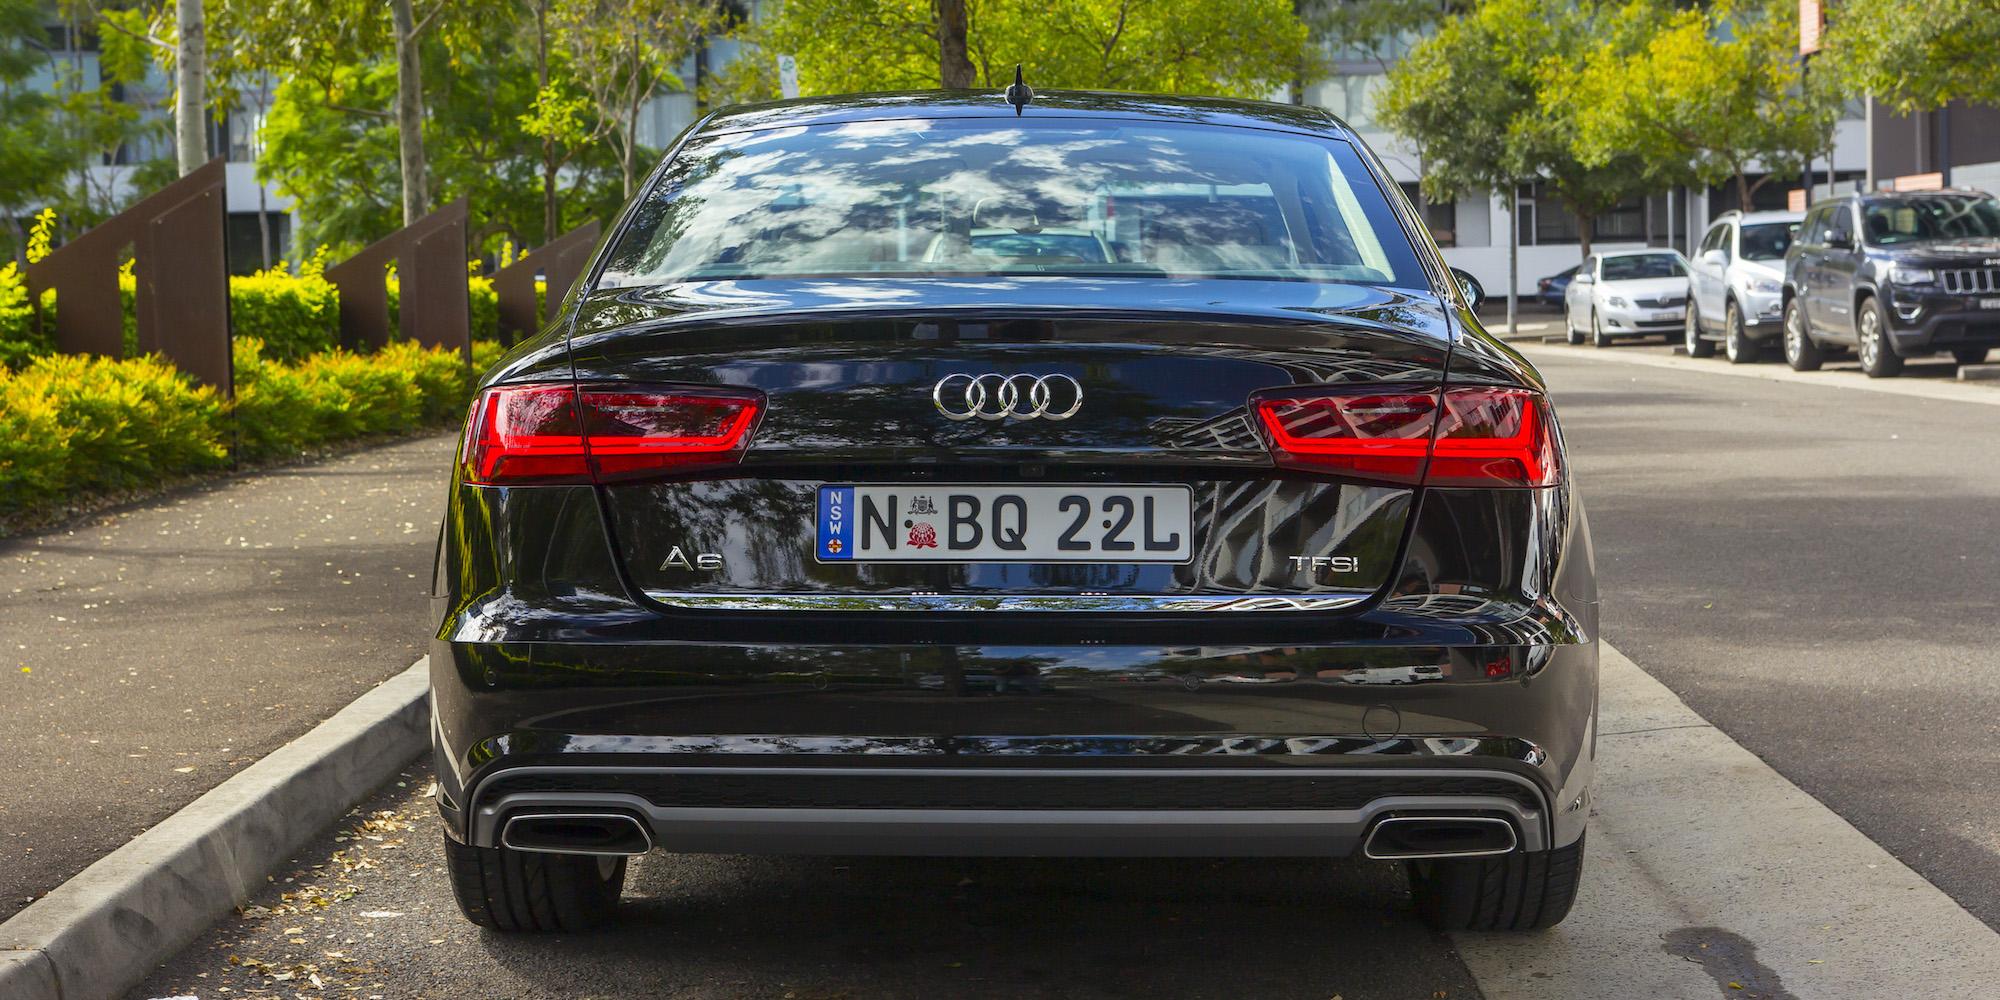 2015 Audi A6 1.8 TFSI Review - photos | CarAdvice